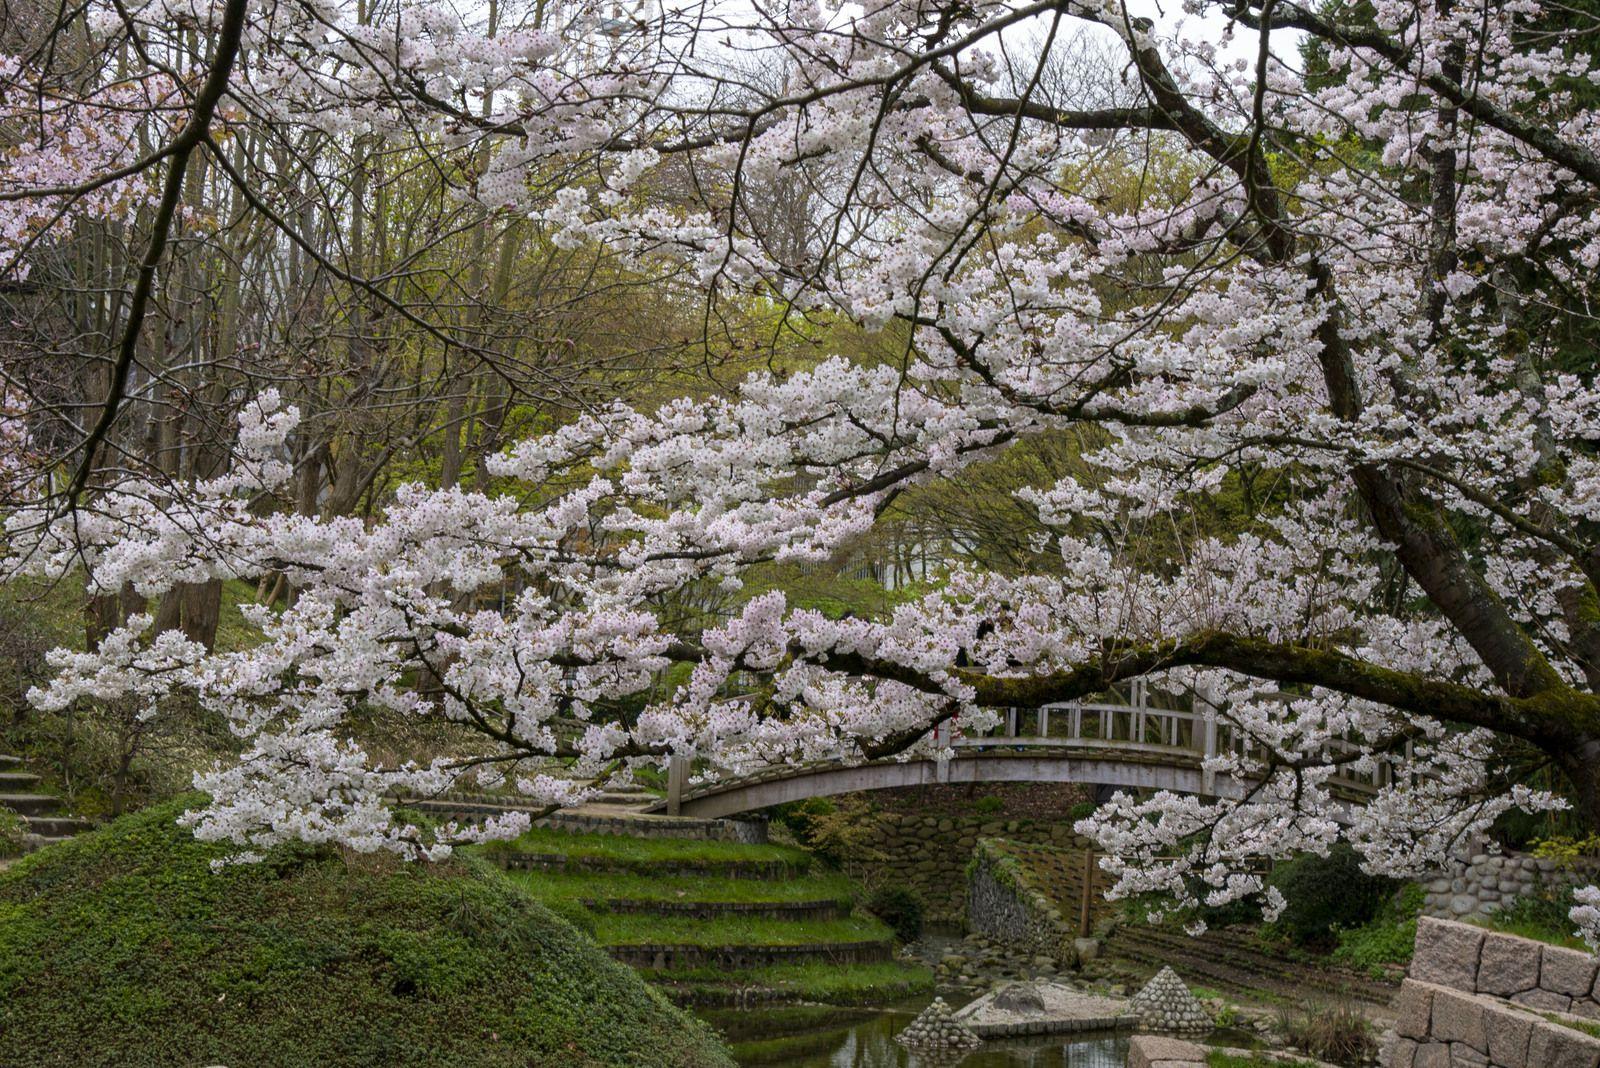 Le jardin d'Albert kahn, un jardin de mondes et d'esprit